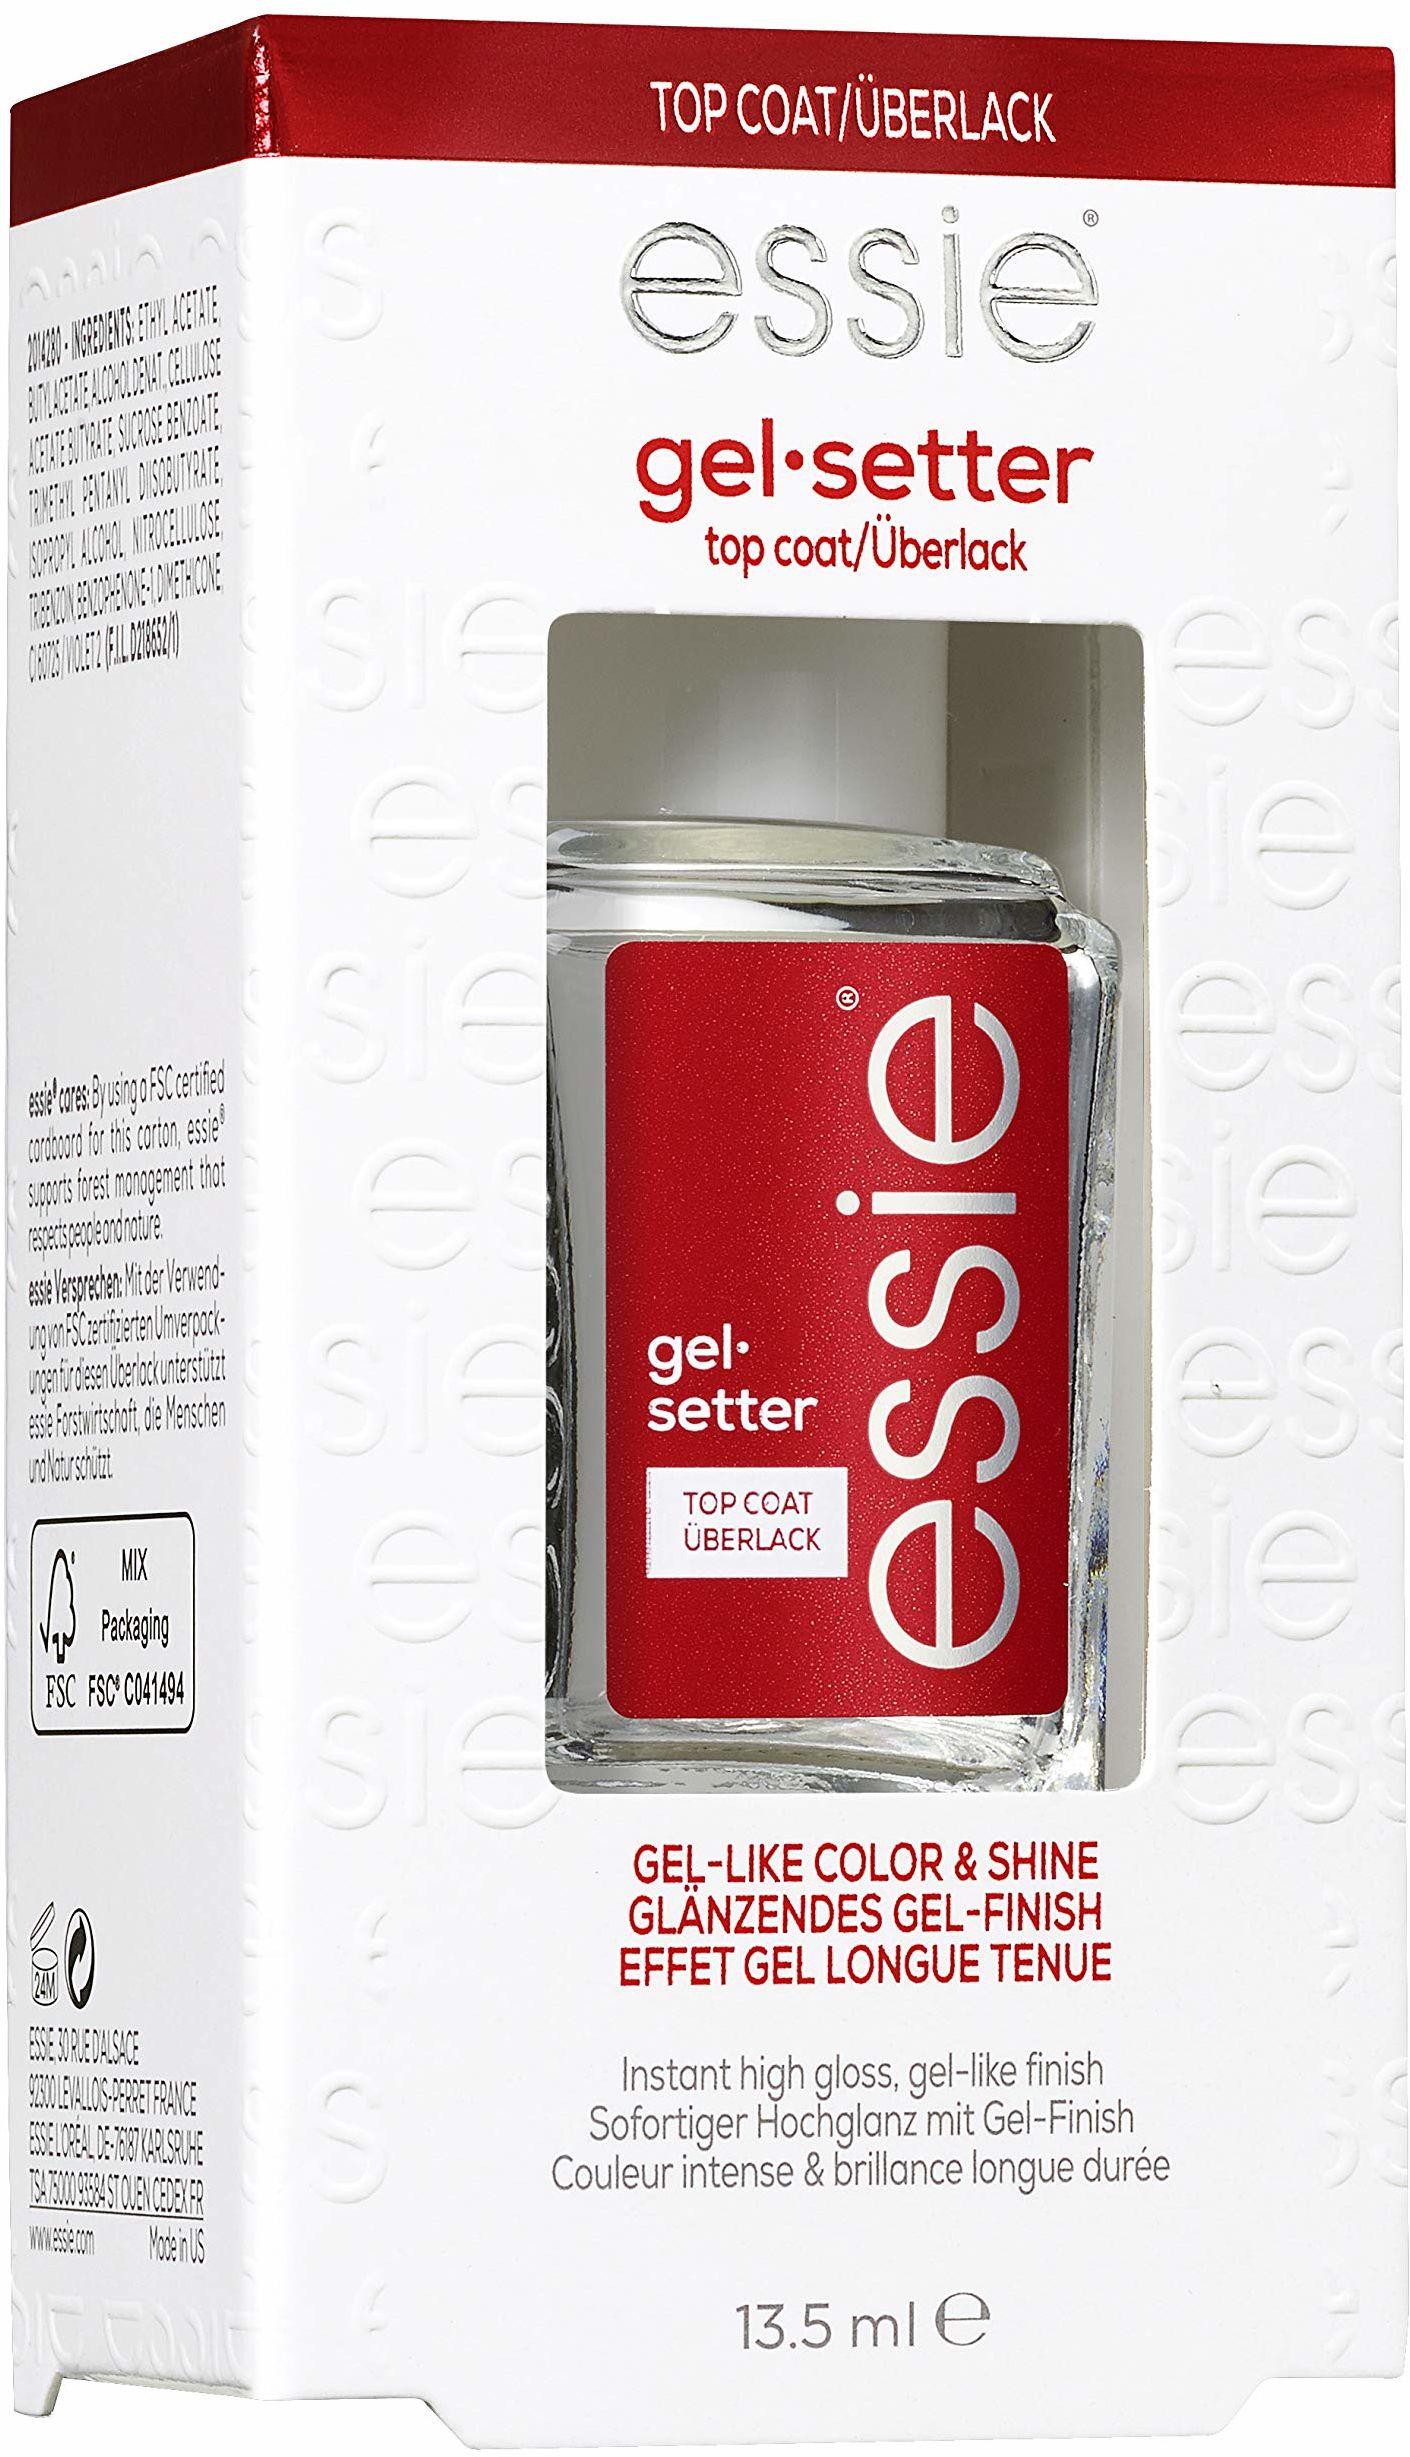 Essie Top Coat żel żelowy, ochrona i wykończenie żelowe, przezroczysty, 13,5 ml